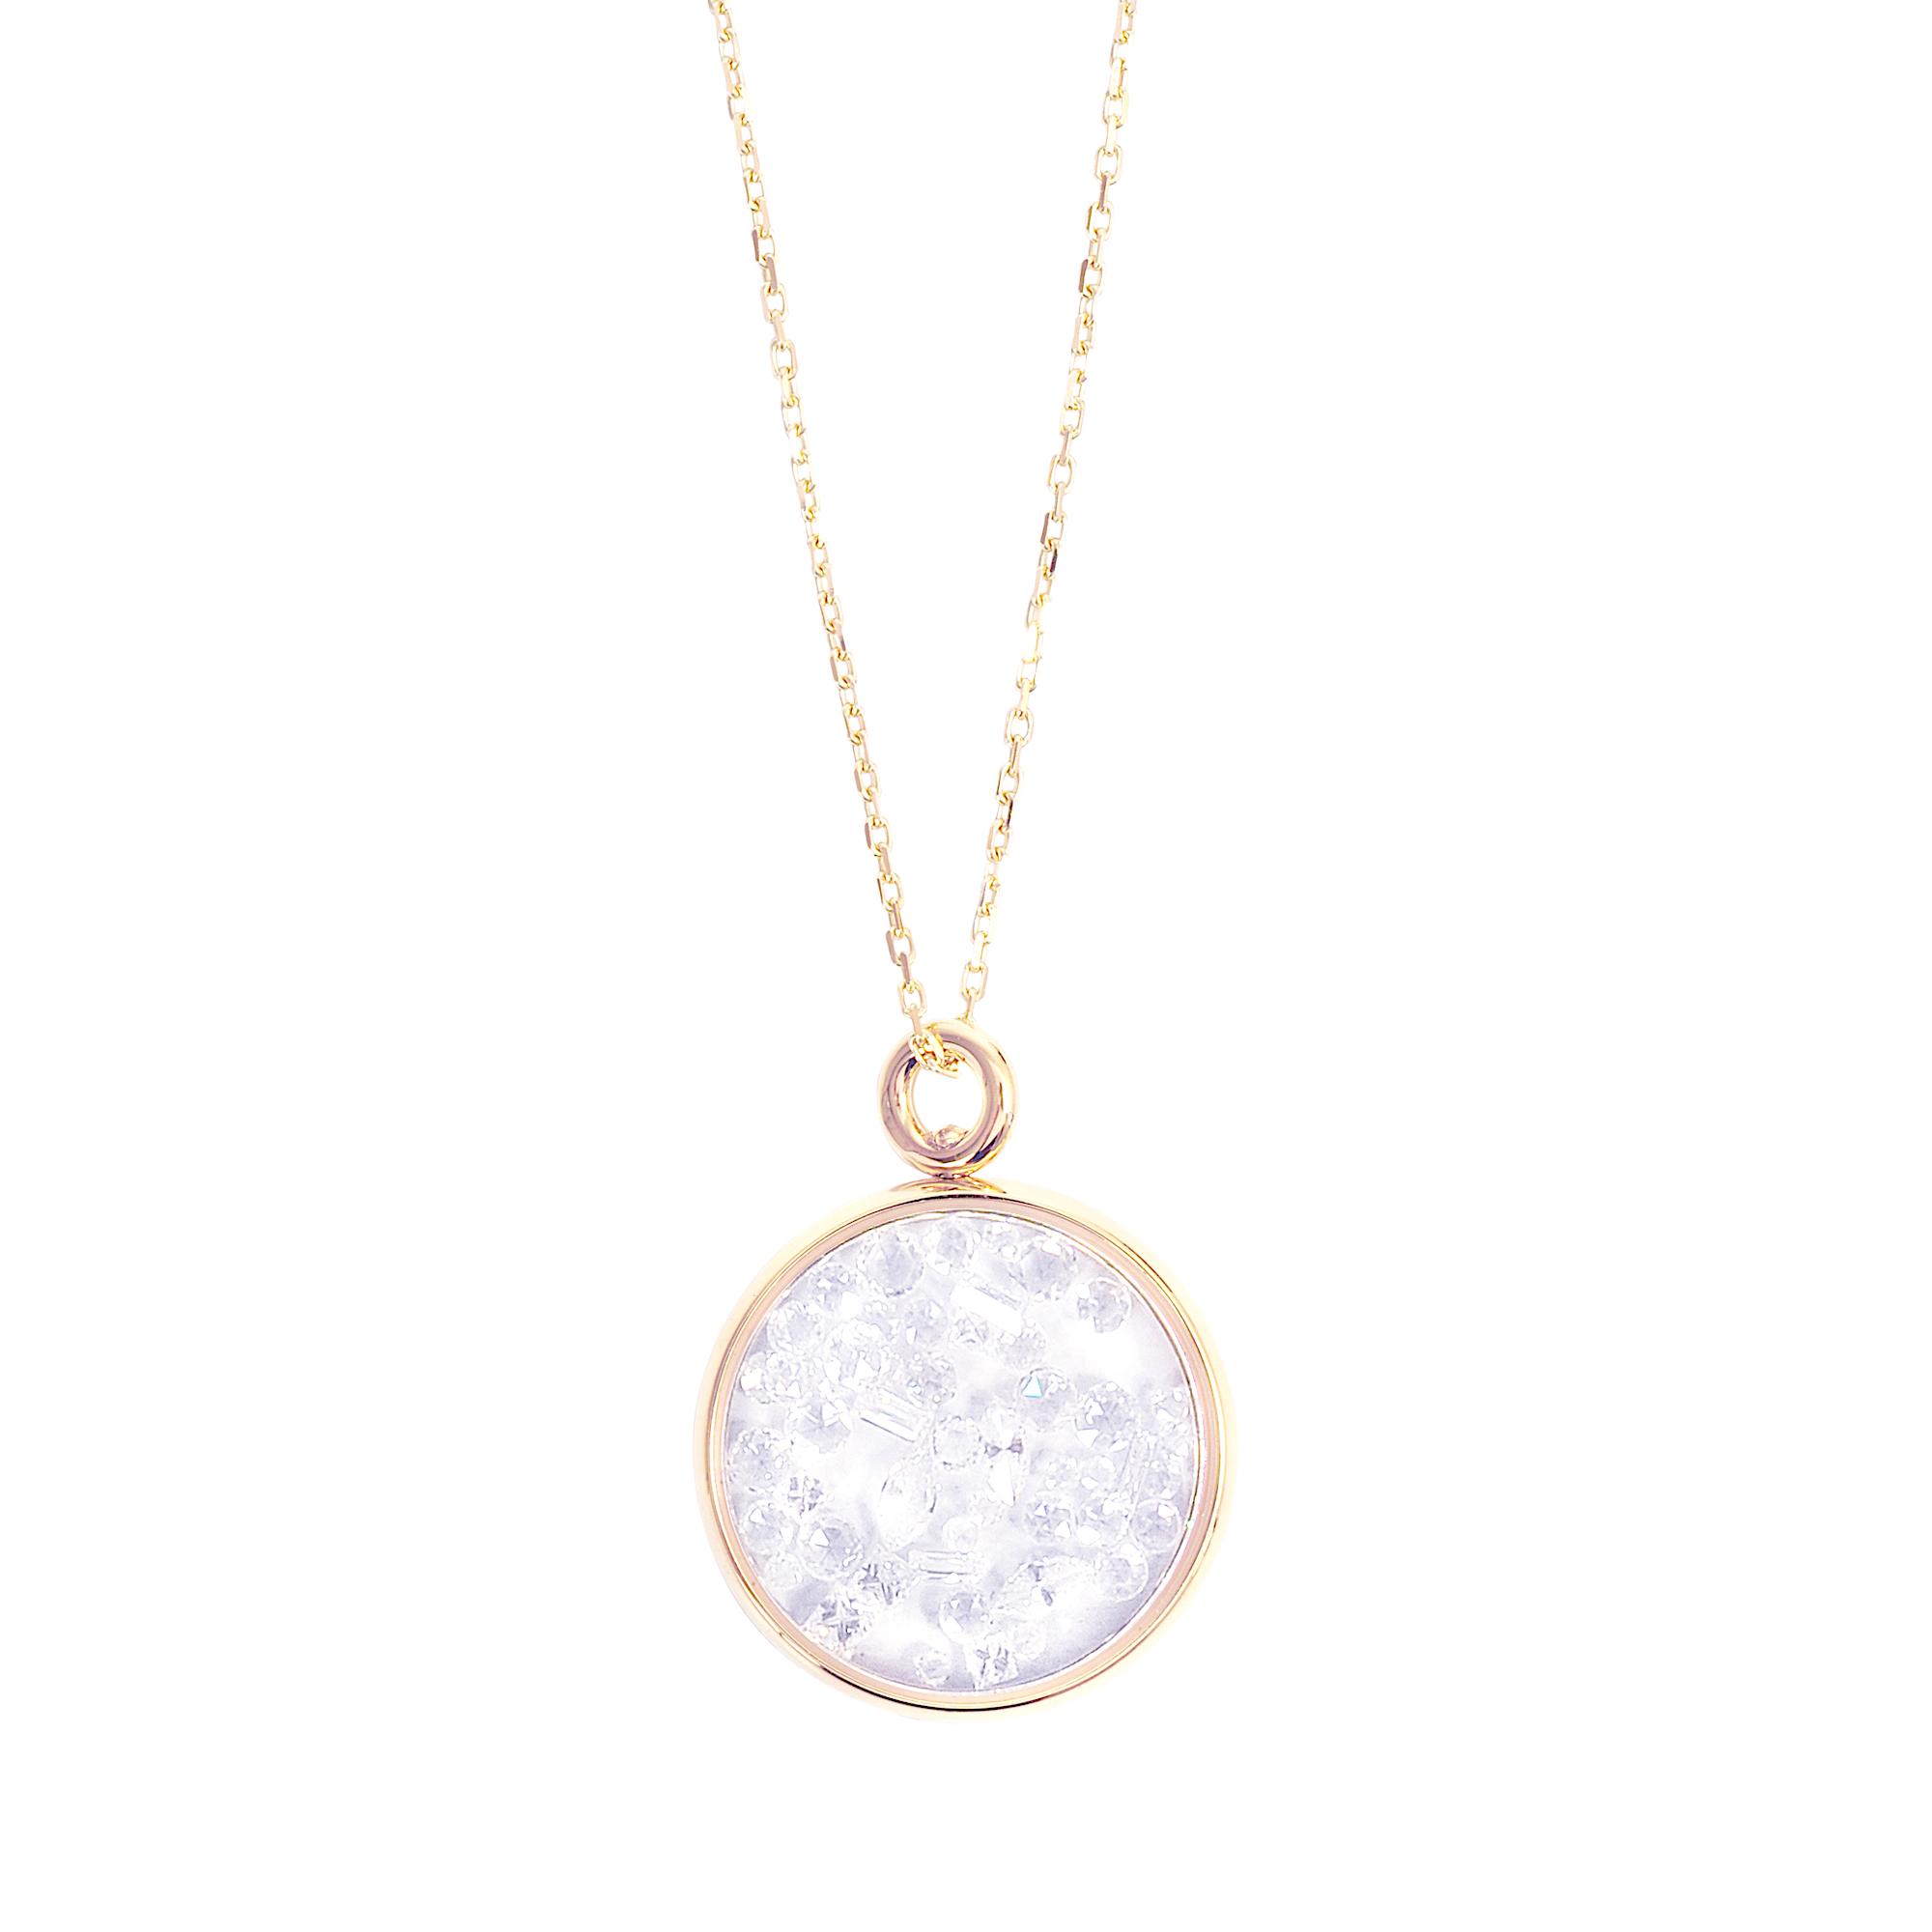 Aurelie bidermann Fine Jewellery